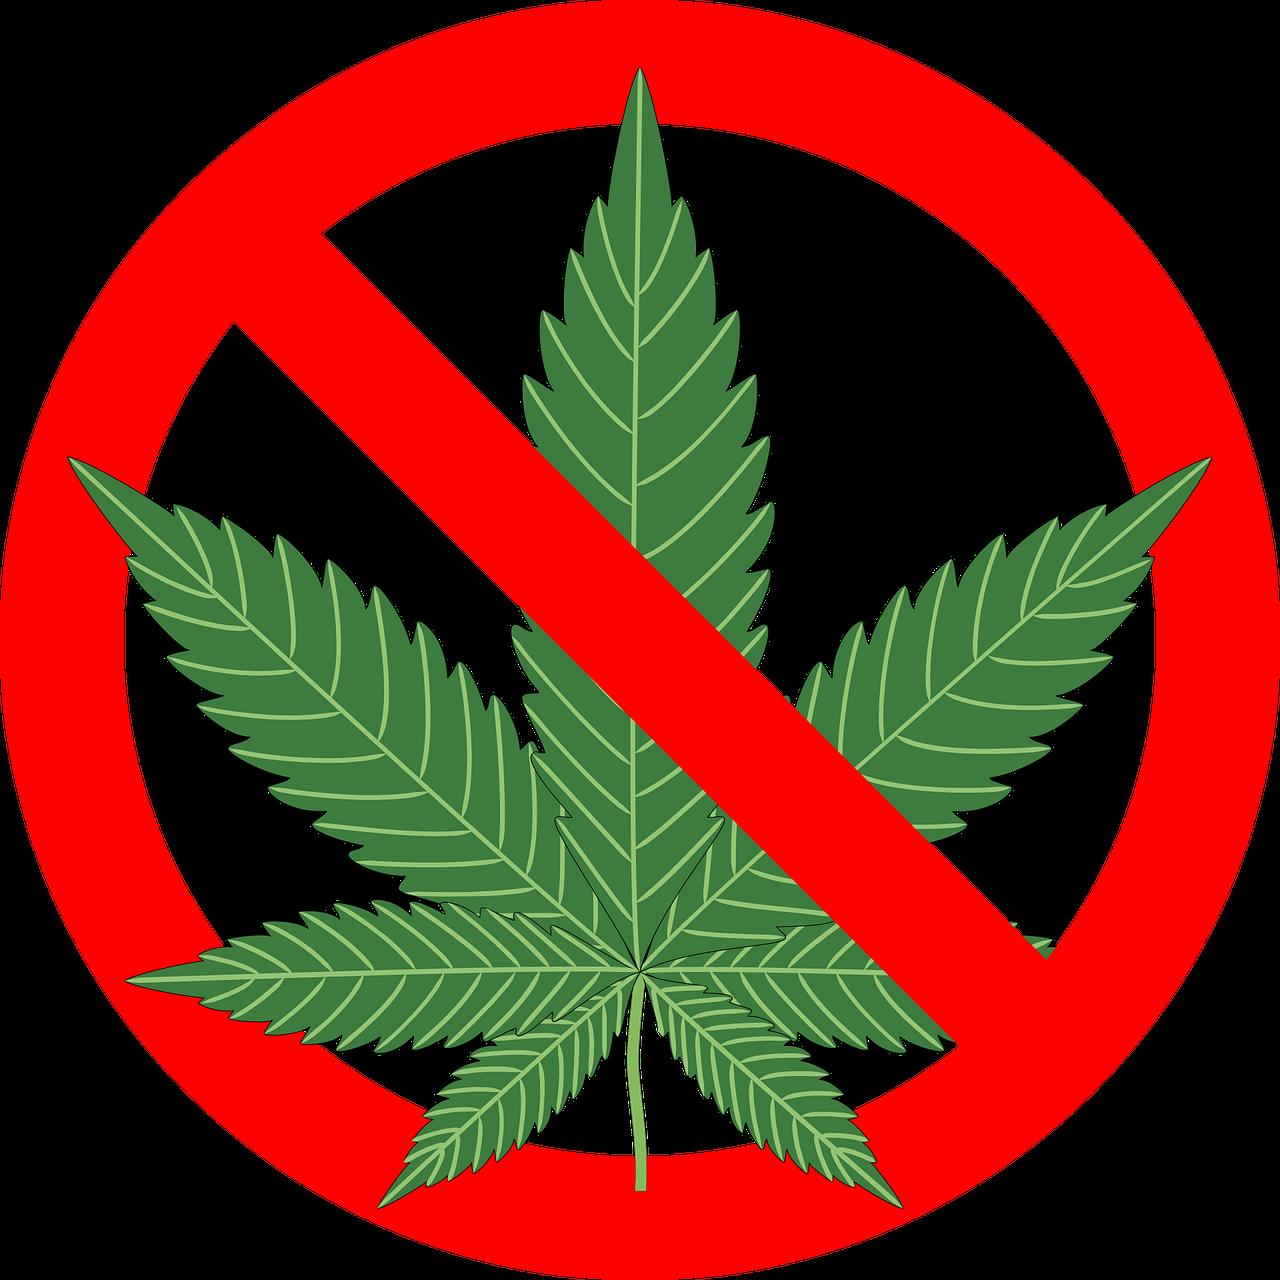 cannabis 1254745 1280 1